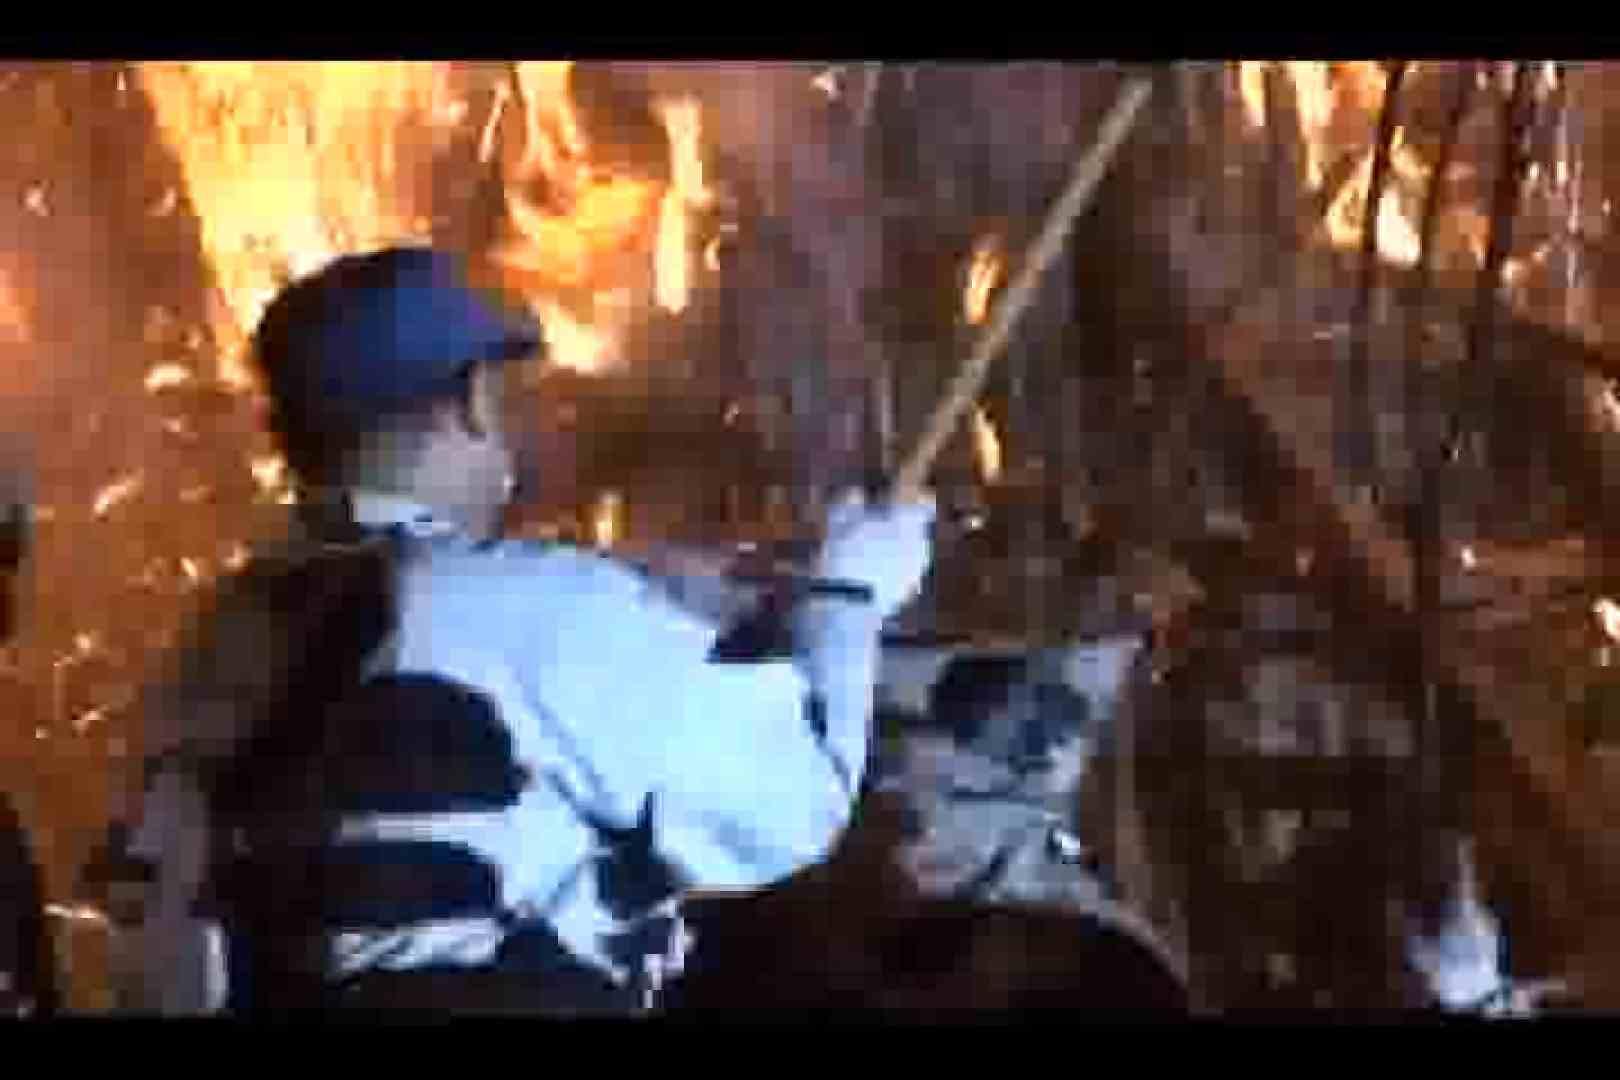 鳥羽の火祭り 3000K!高画質バージョンVOL.03 ふんどしの男たち ゲイSEX画像 82連発 63